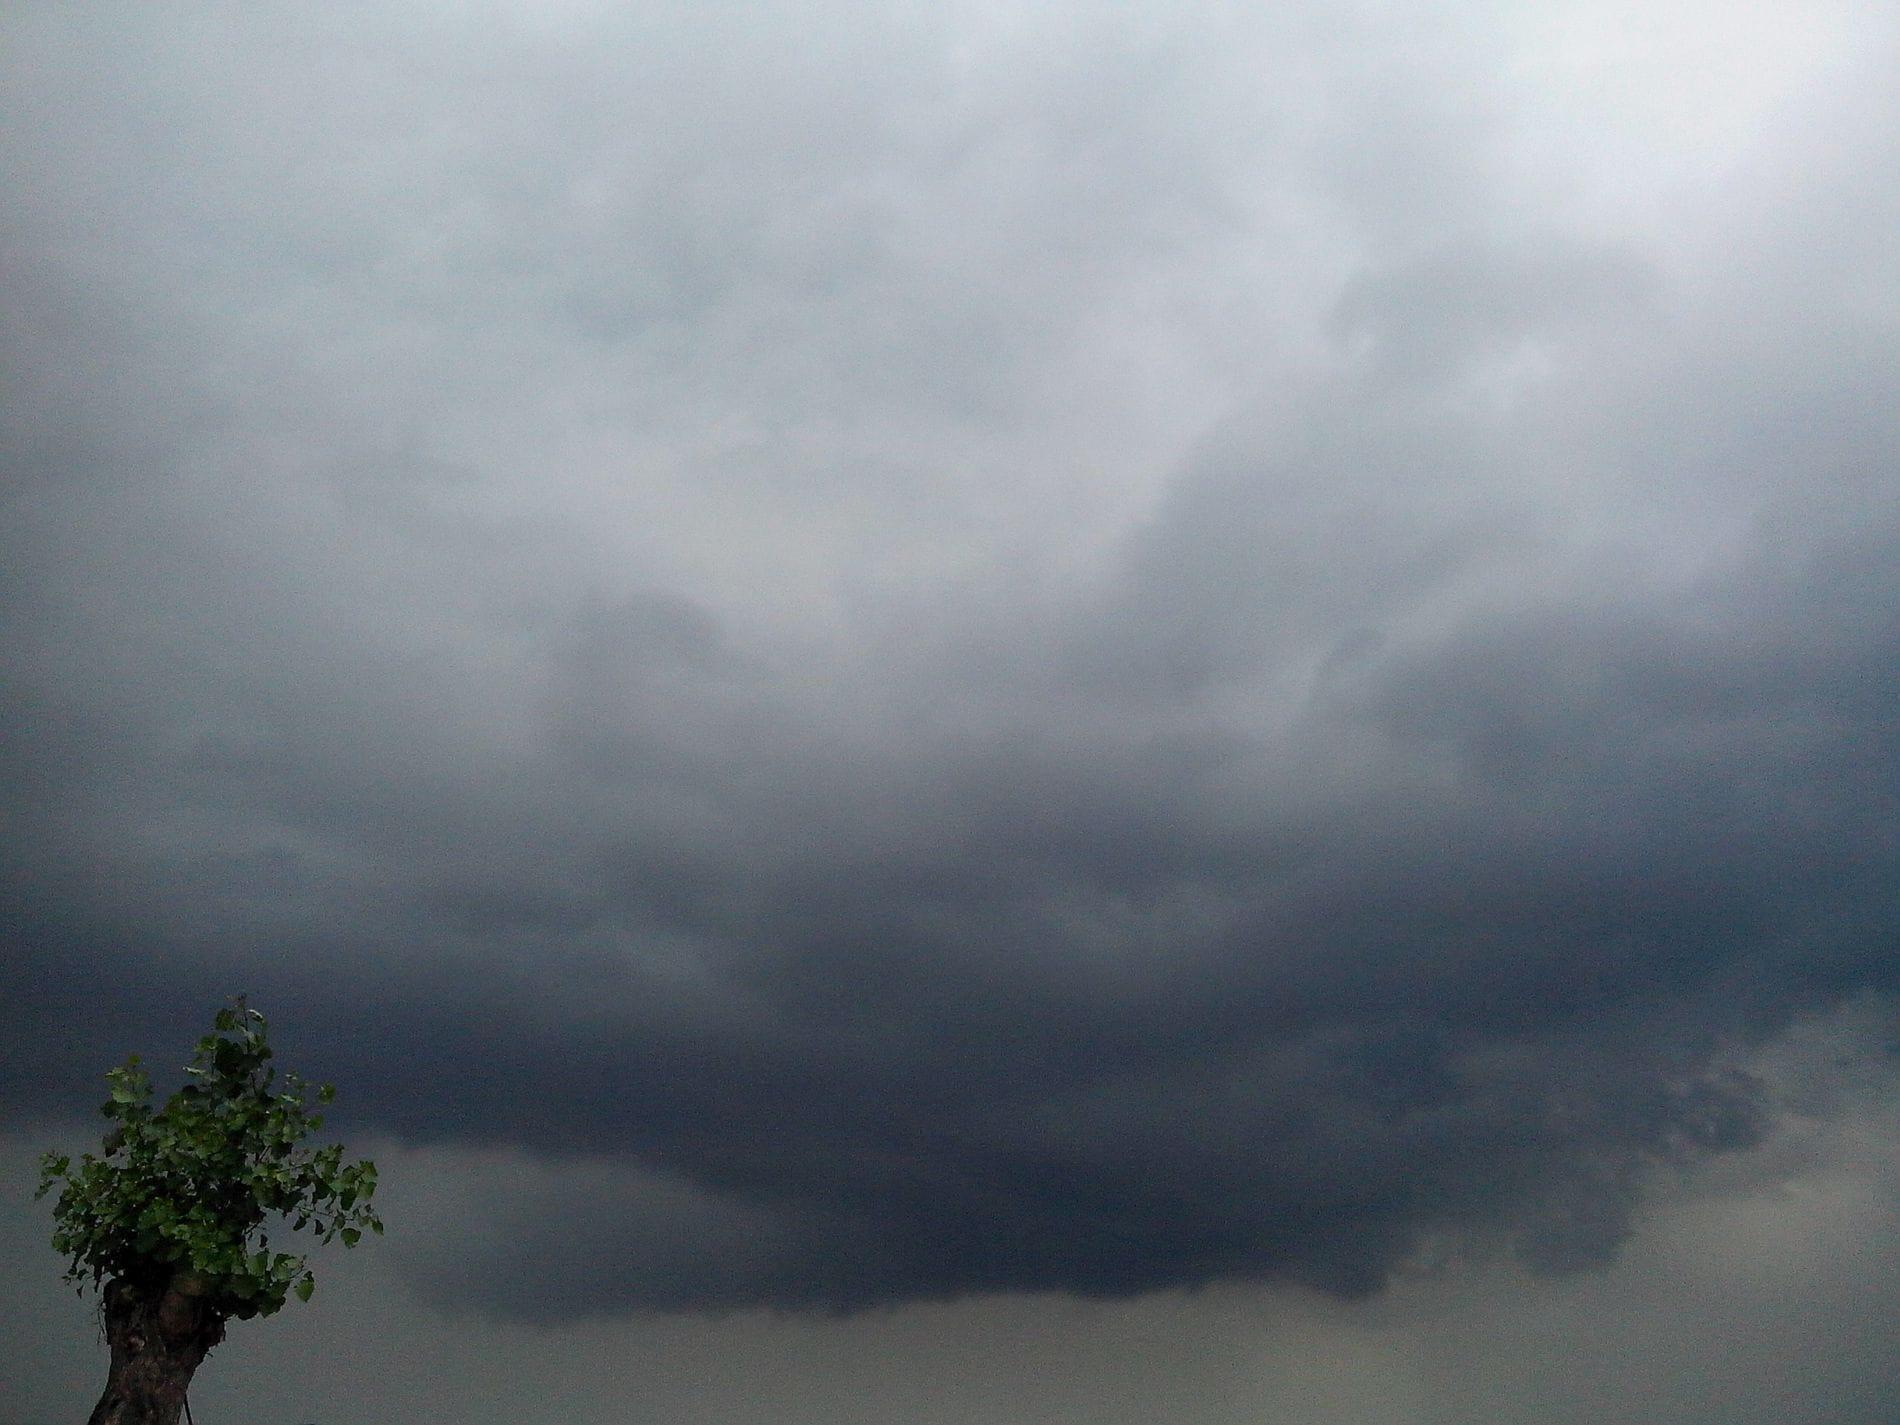 Dupa cateva zile calduroase avem si momente cu nori gri si furtuni.